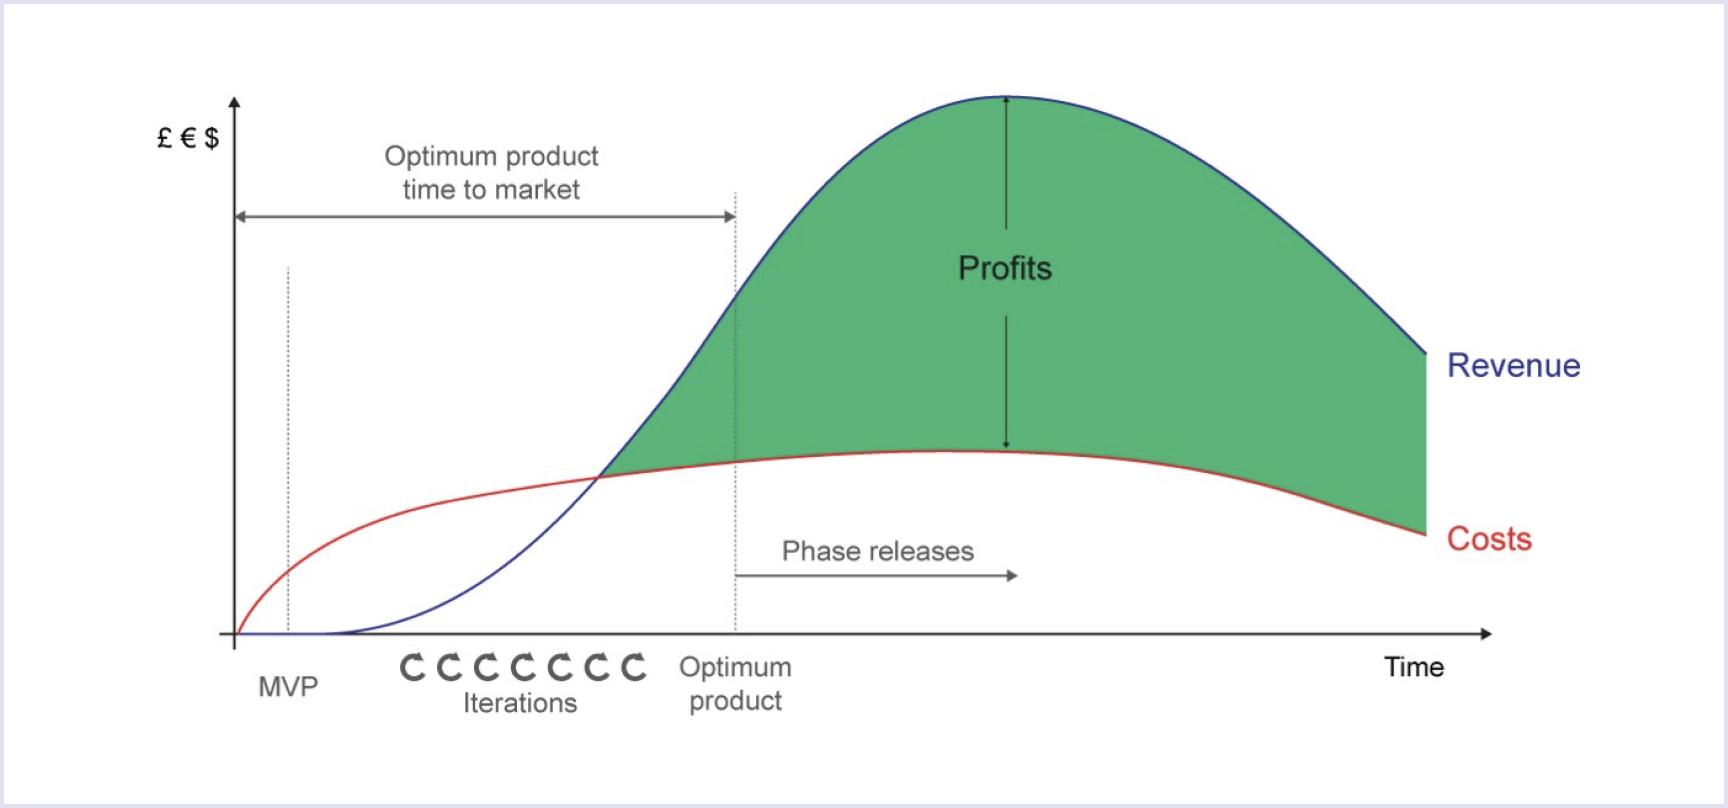 Optimum product | Codica